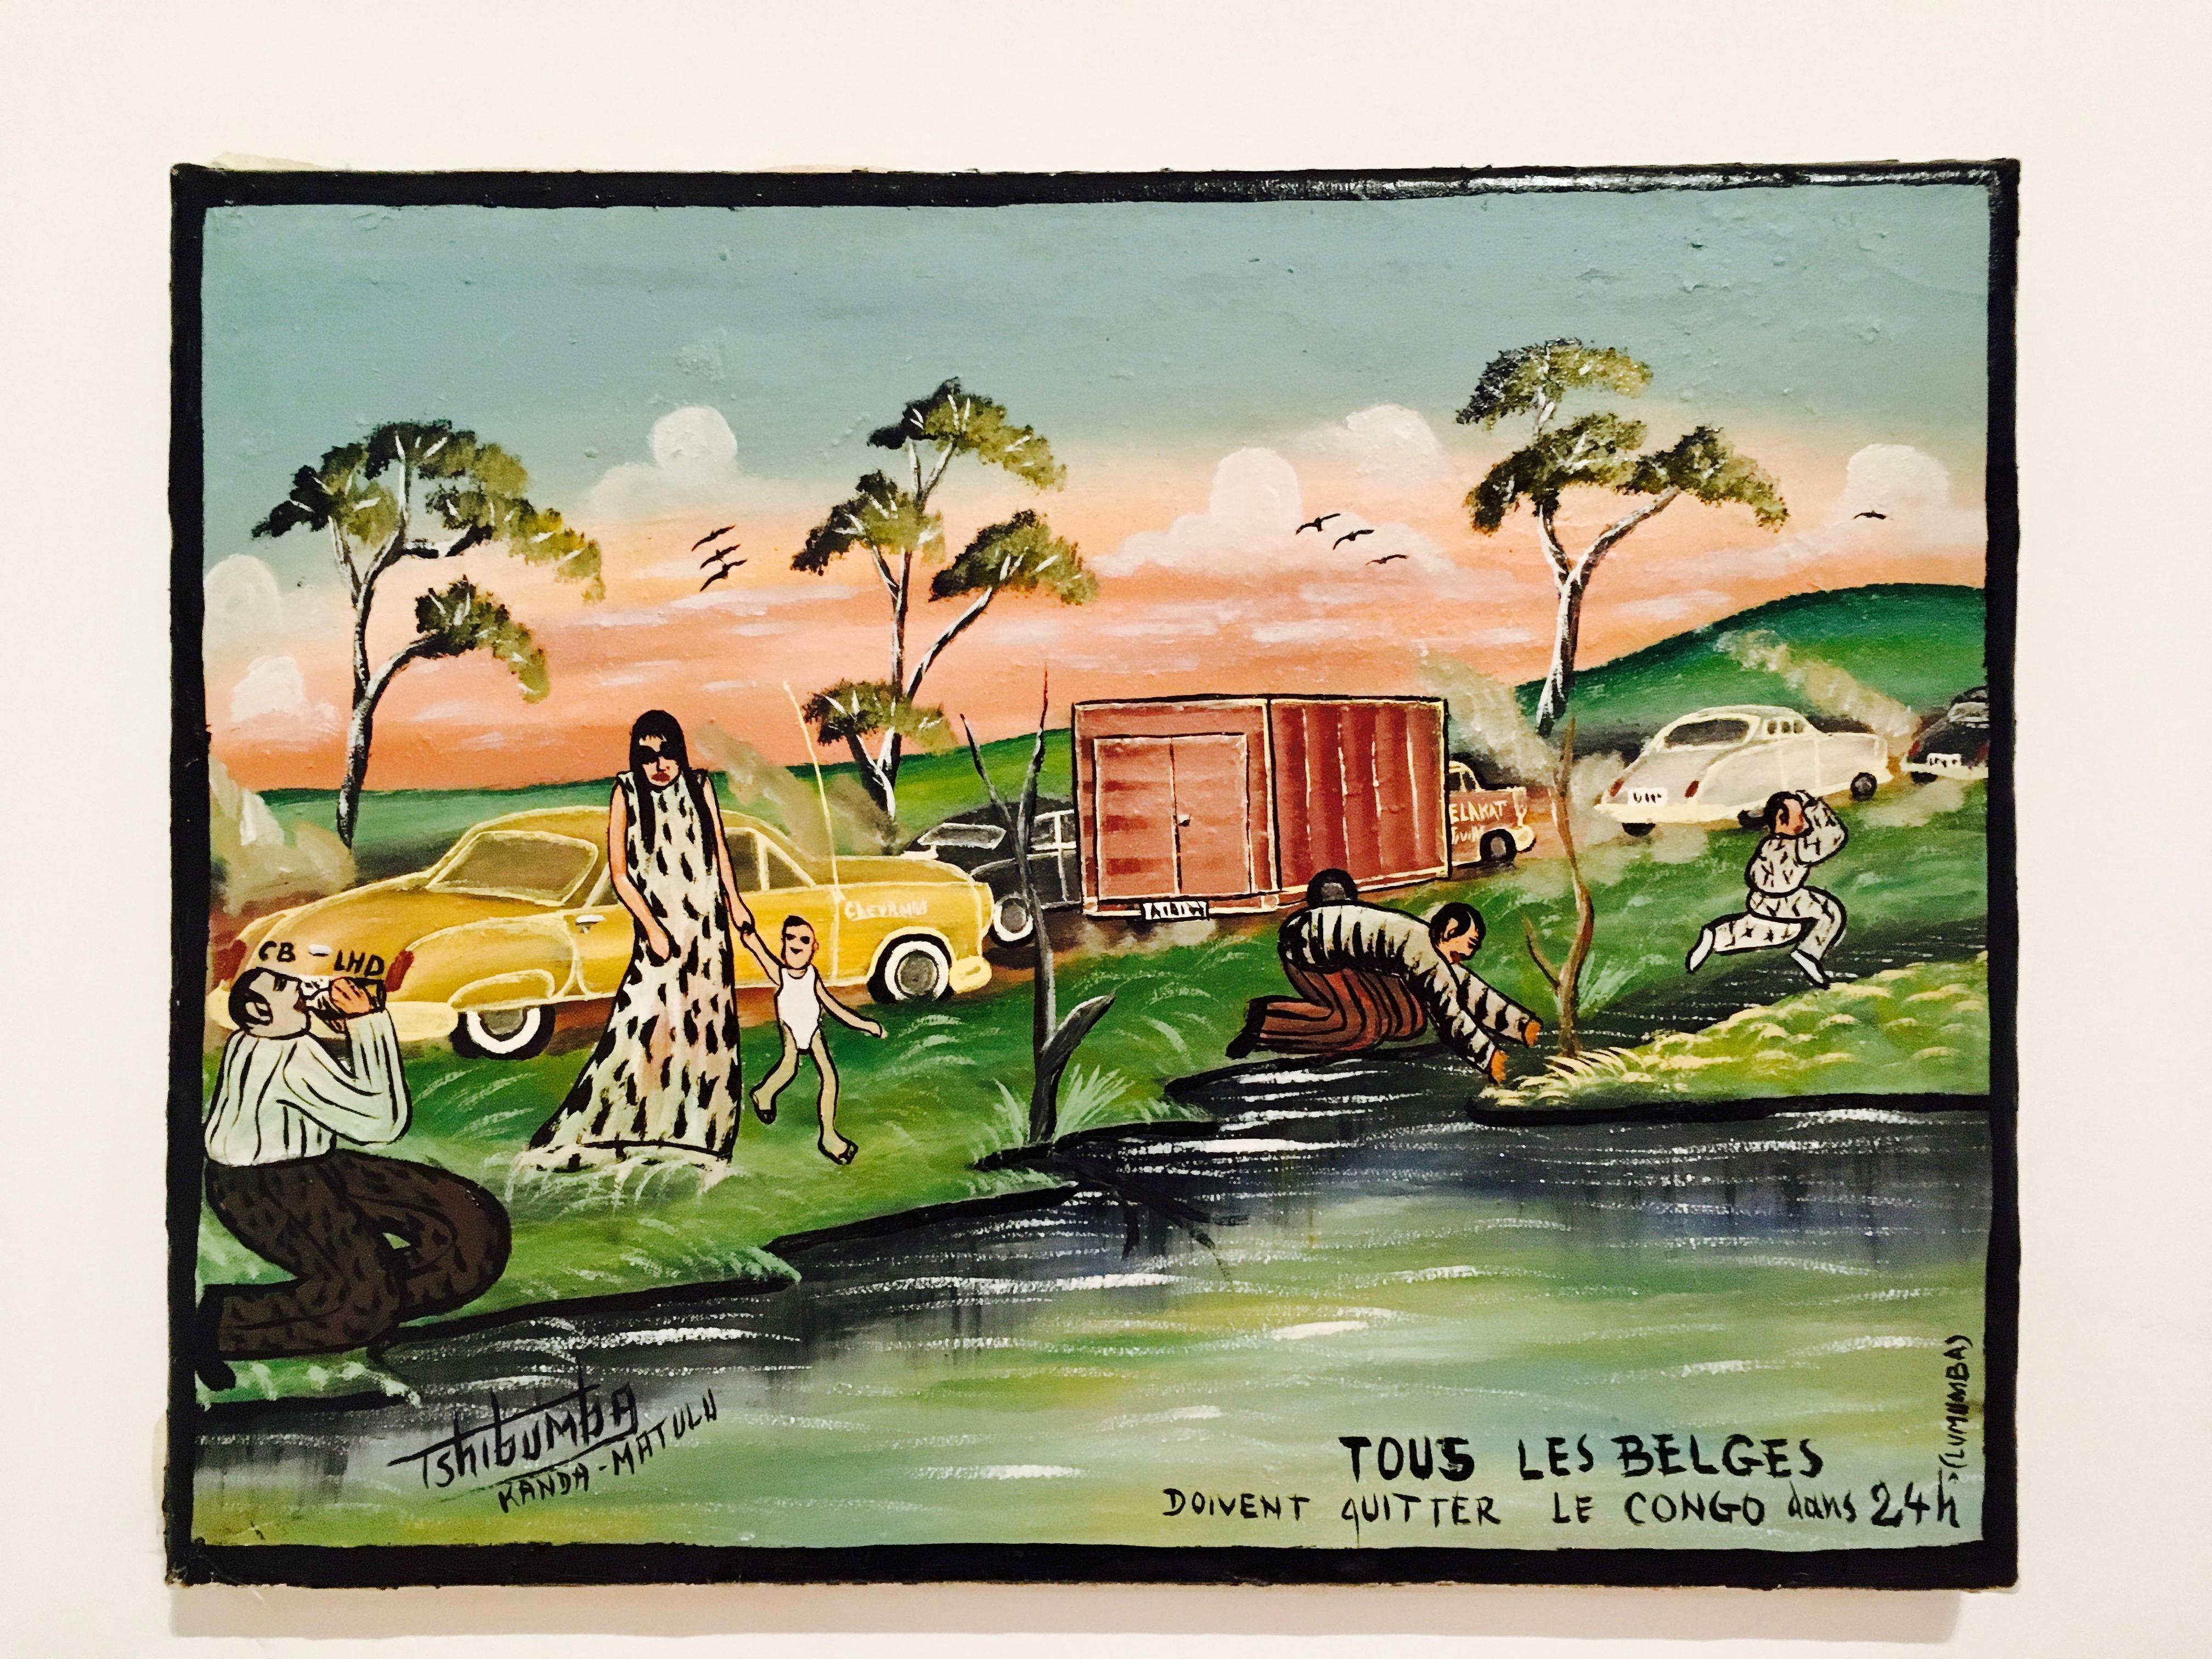 Η ιστορία του Ζαΐρ του Tshibumba Kanda Matulu